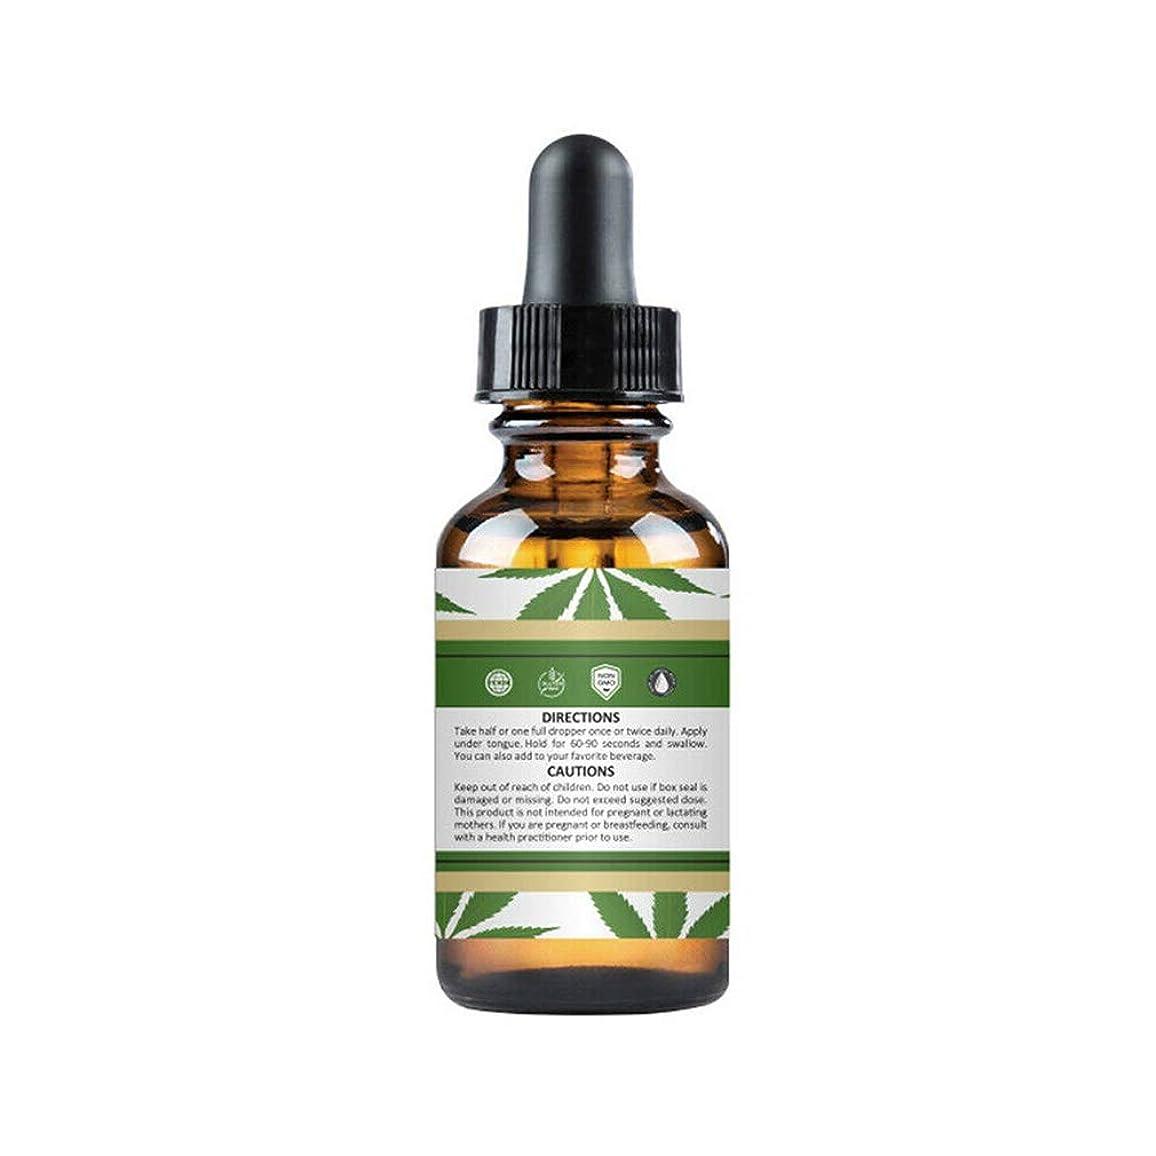 有毒精査整理する鎮痛のための有機麻オイル睡眠補助抗ストレス不安1000mg天然麻エキスが肌と髪に役立ちます (1000mg)